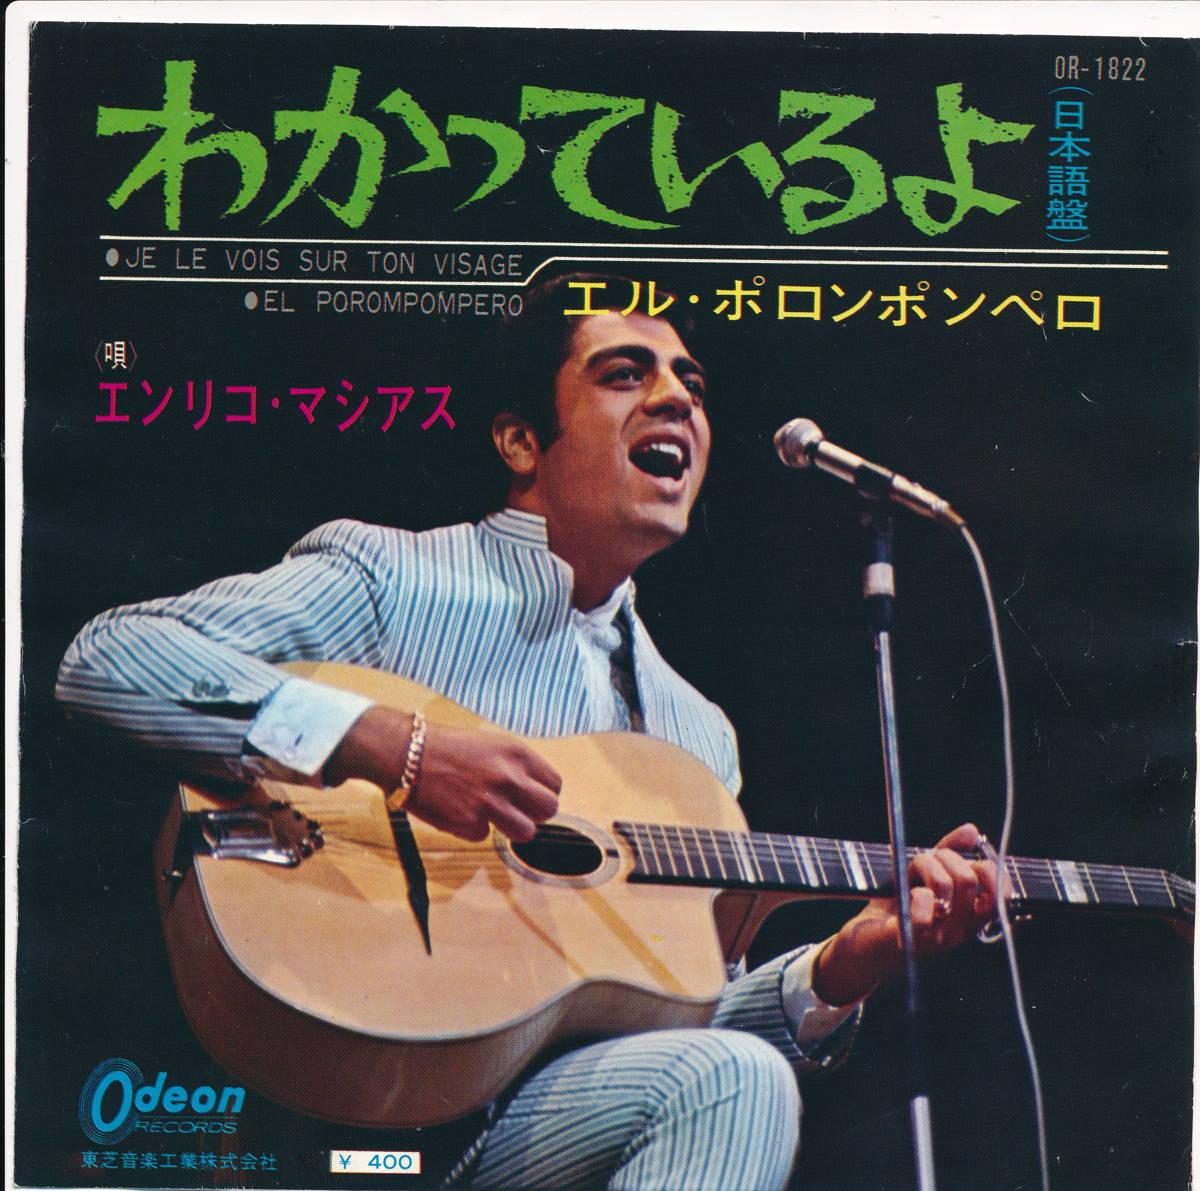 【中古レコード】エンリコ・マシアス/わかっているよ/エル・ポロンポンペロ[EPレコード 7inch]